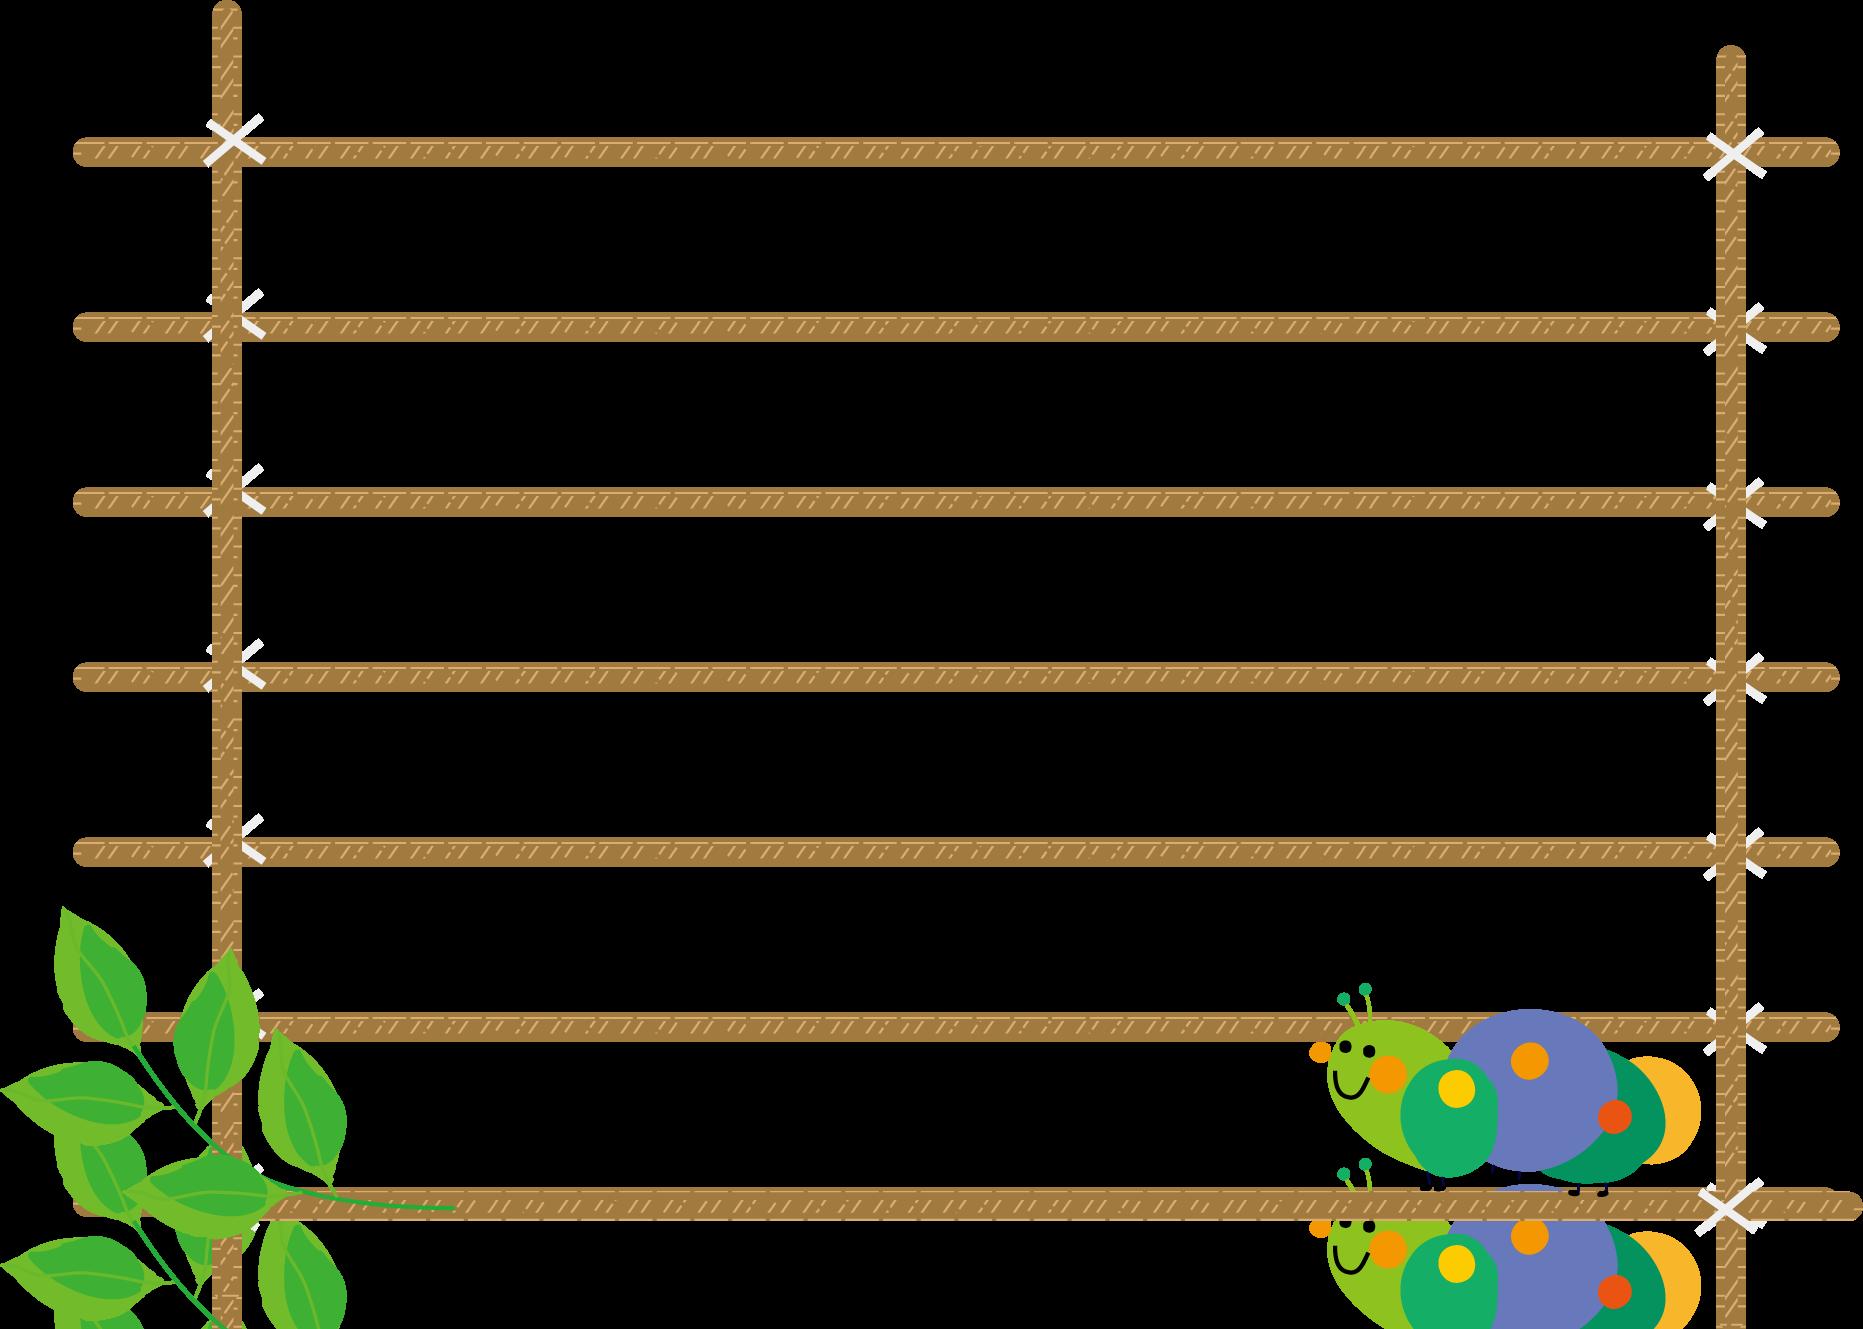 虫のイラスト-無料イラスト